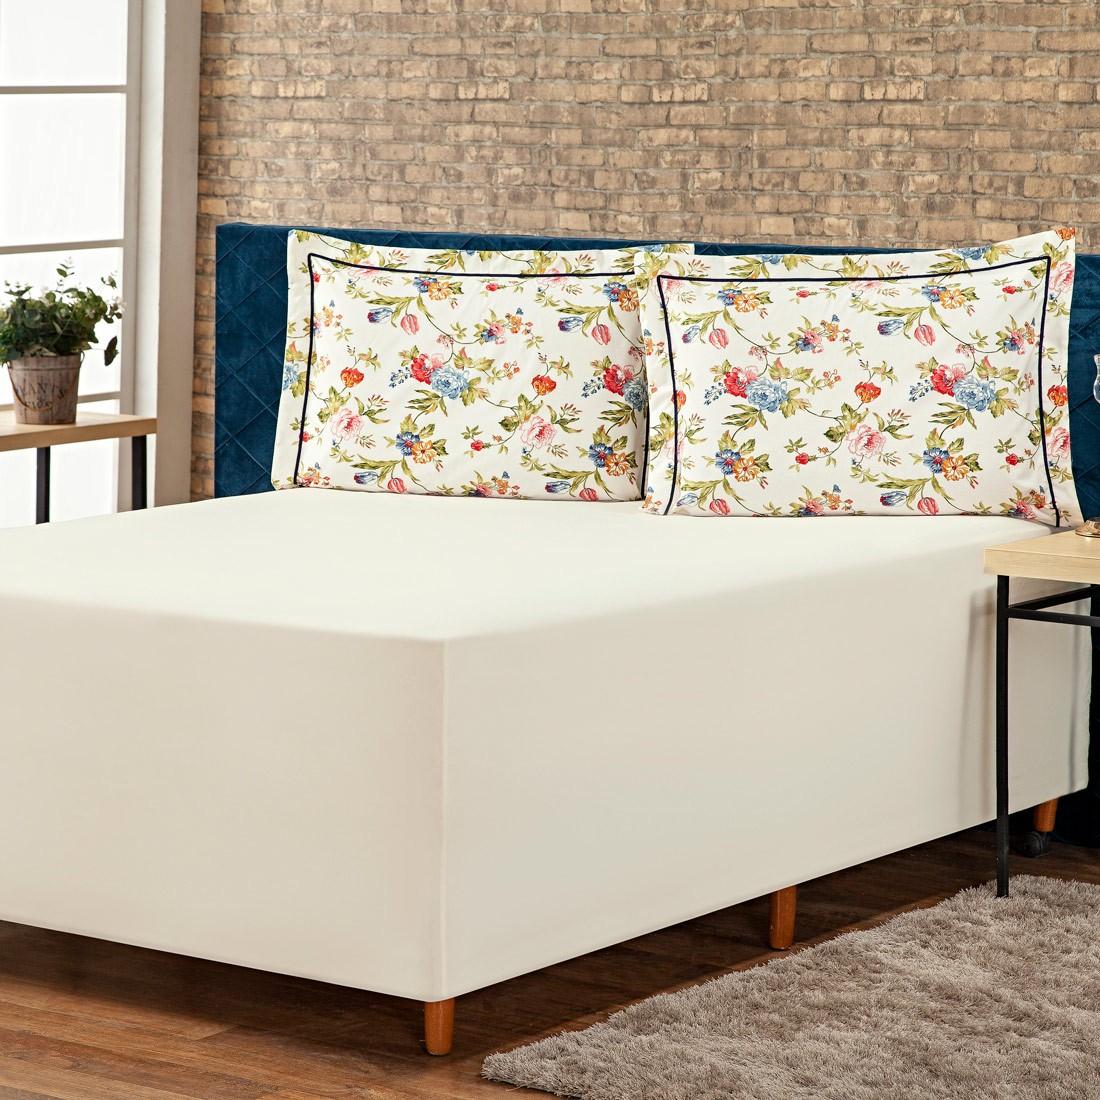 Jogo de Lençol p/ Cama Box Complet Floral Palha/Azul Queen 03 Peças - Percal 140 Fios